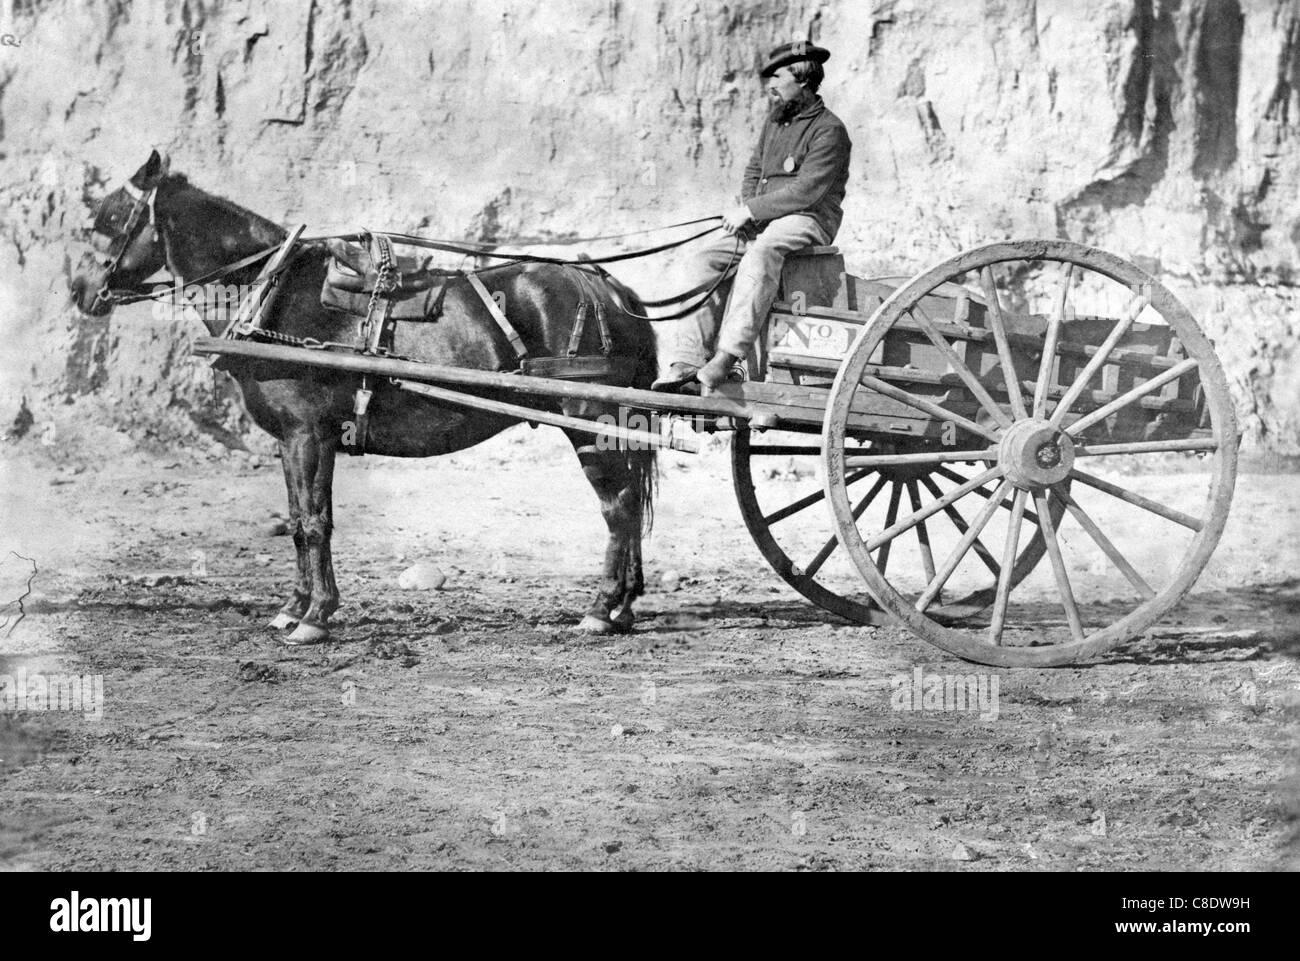 Image result for horse pulling cart civil war era